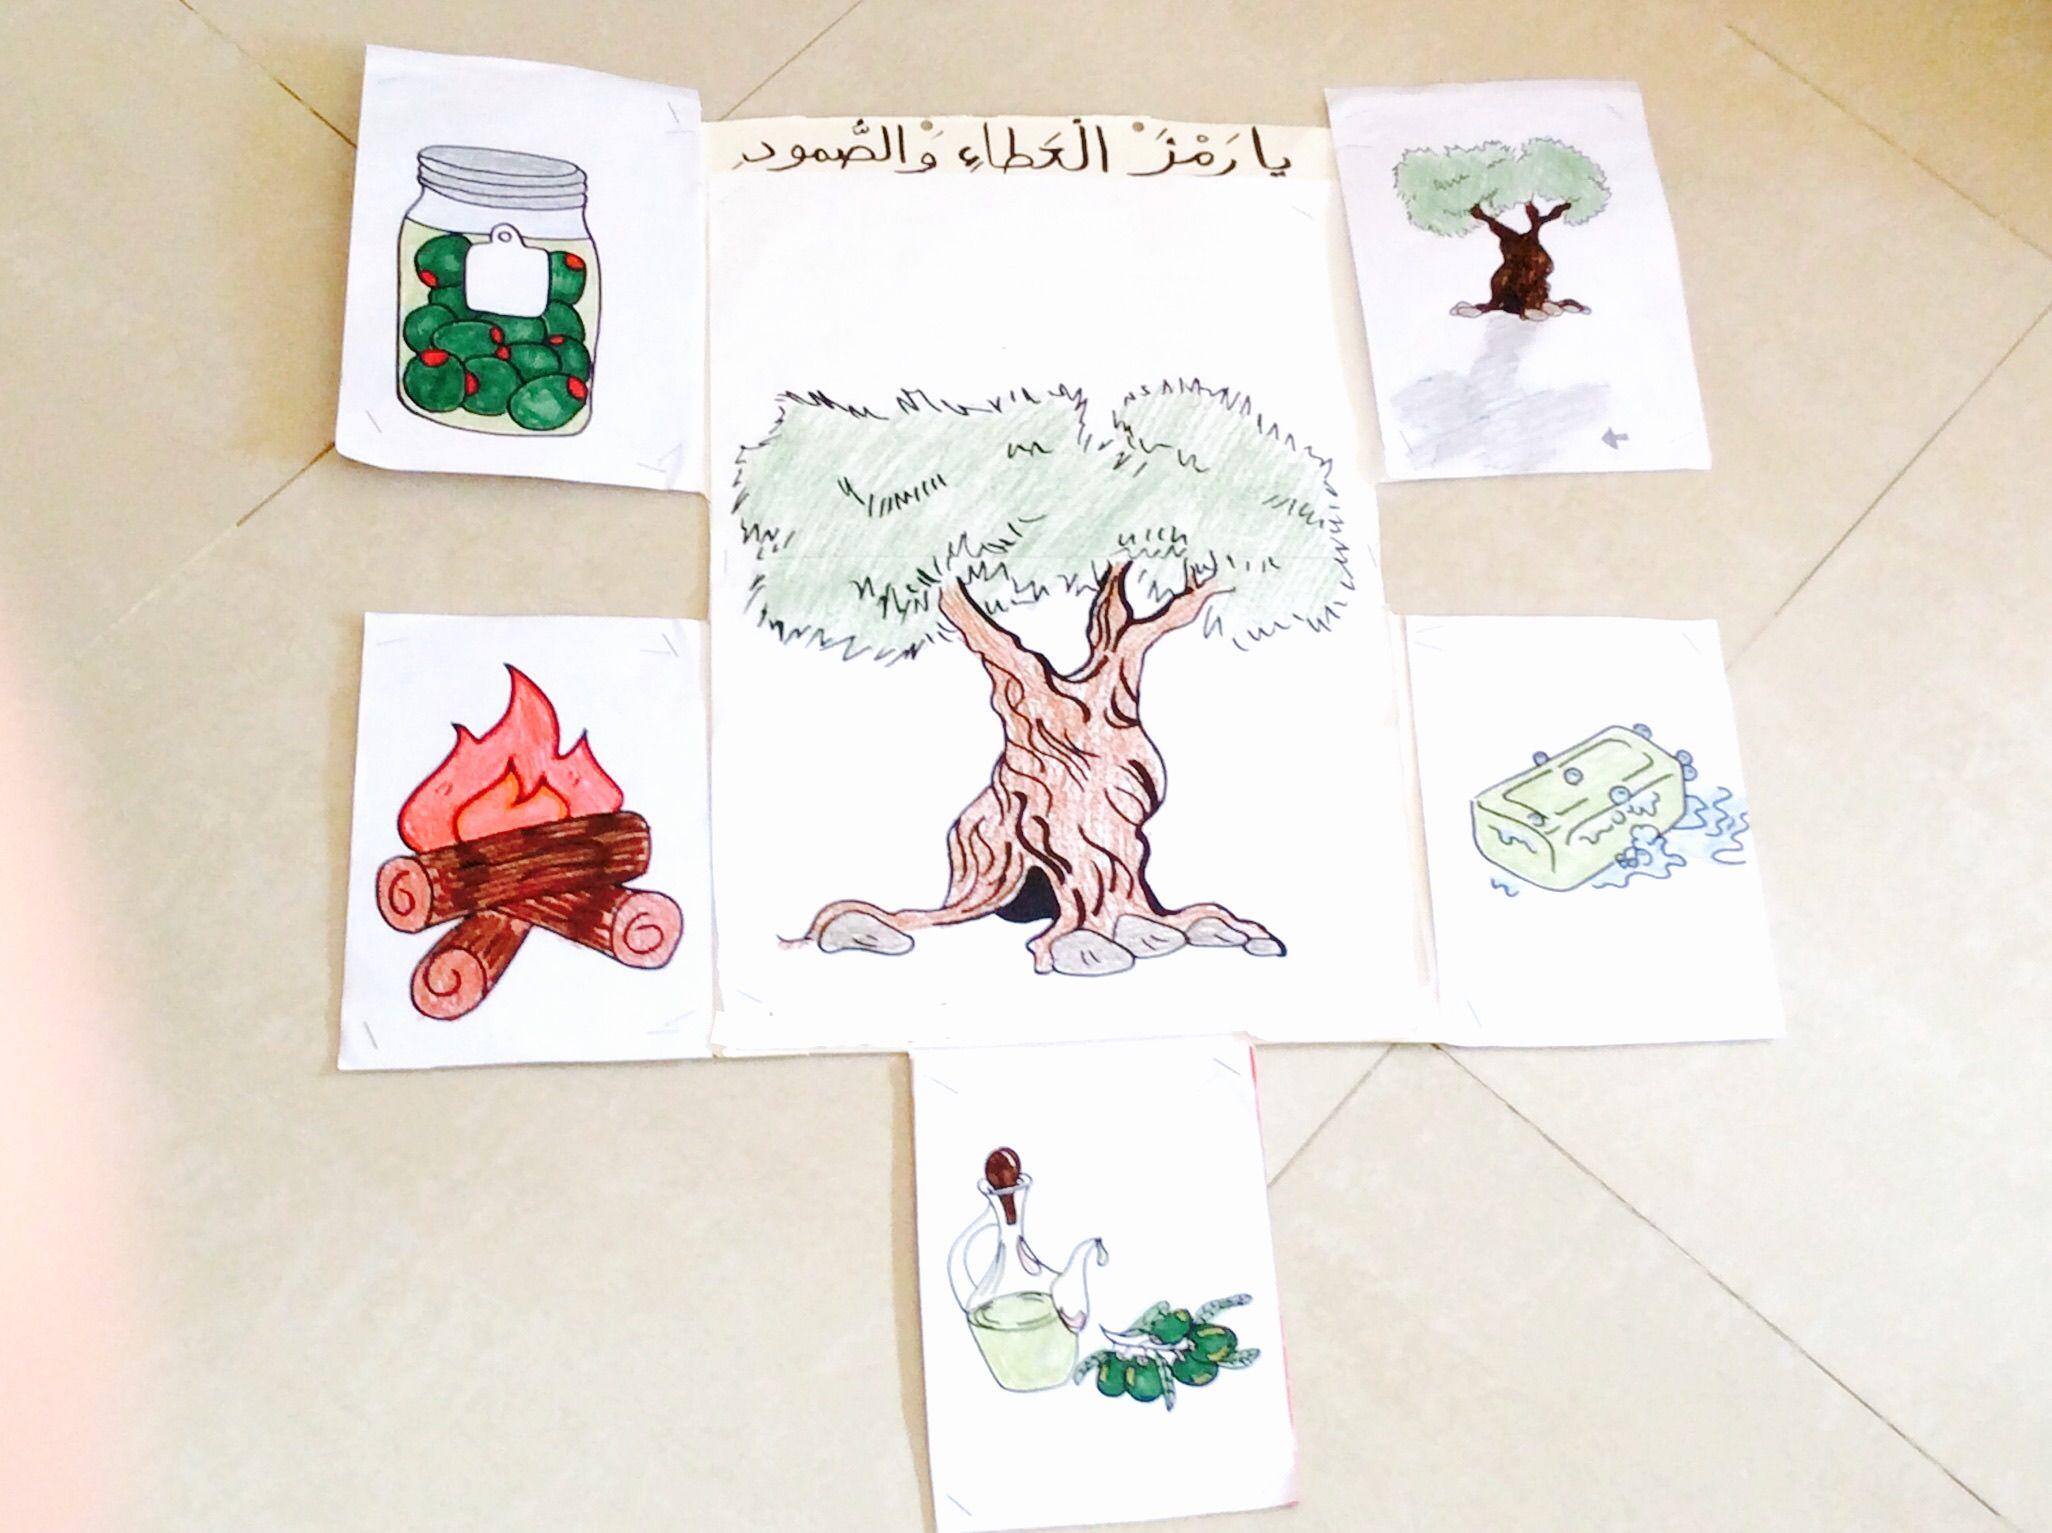 لوحة للاطفال عن فوائد شجرة الزيتون Poster For Kids School Project About The Benefits And Uses Of Olive Trees Cards Flowers